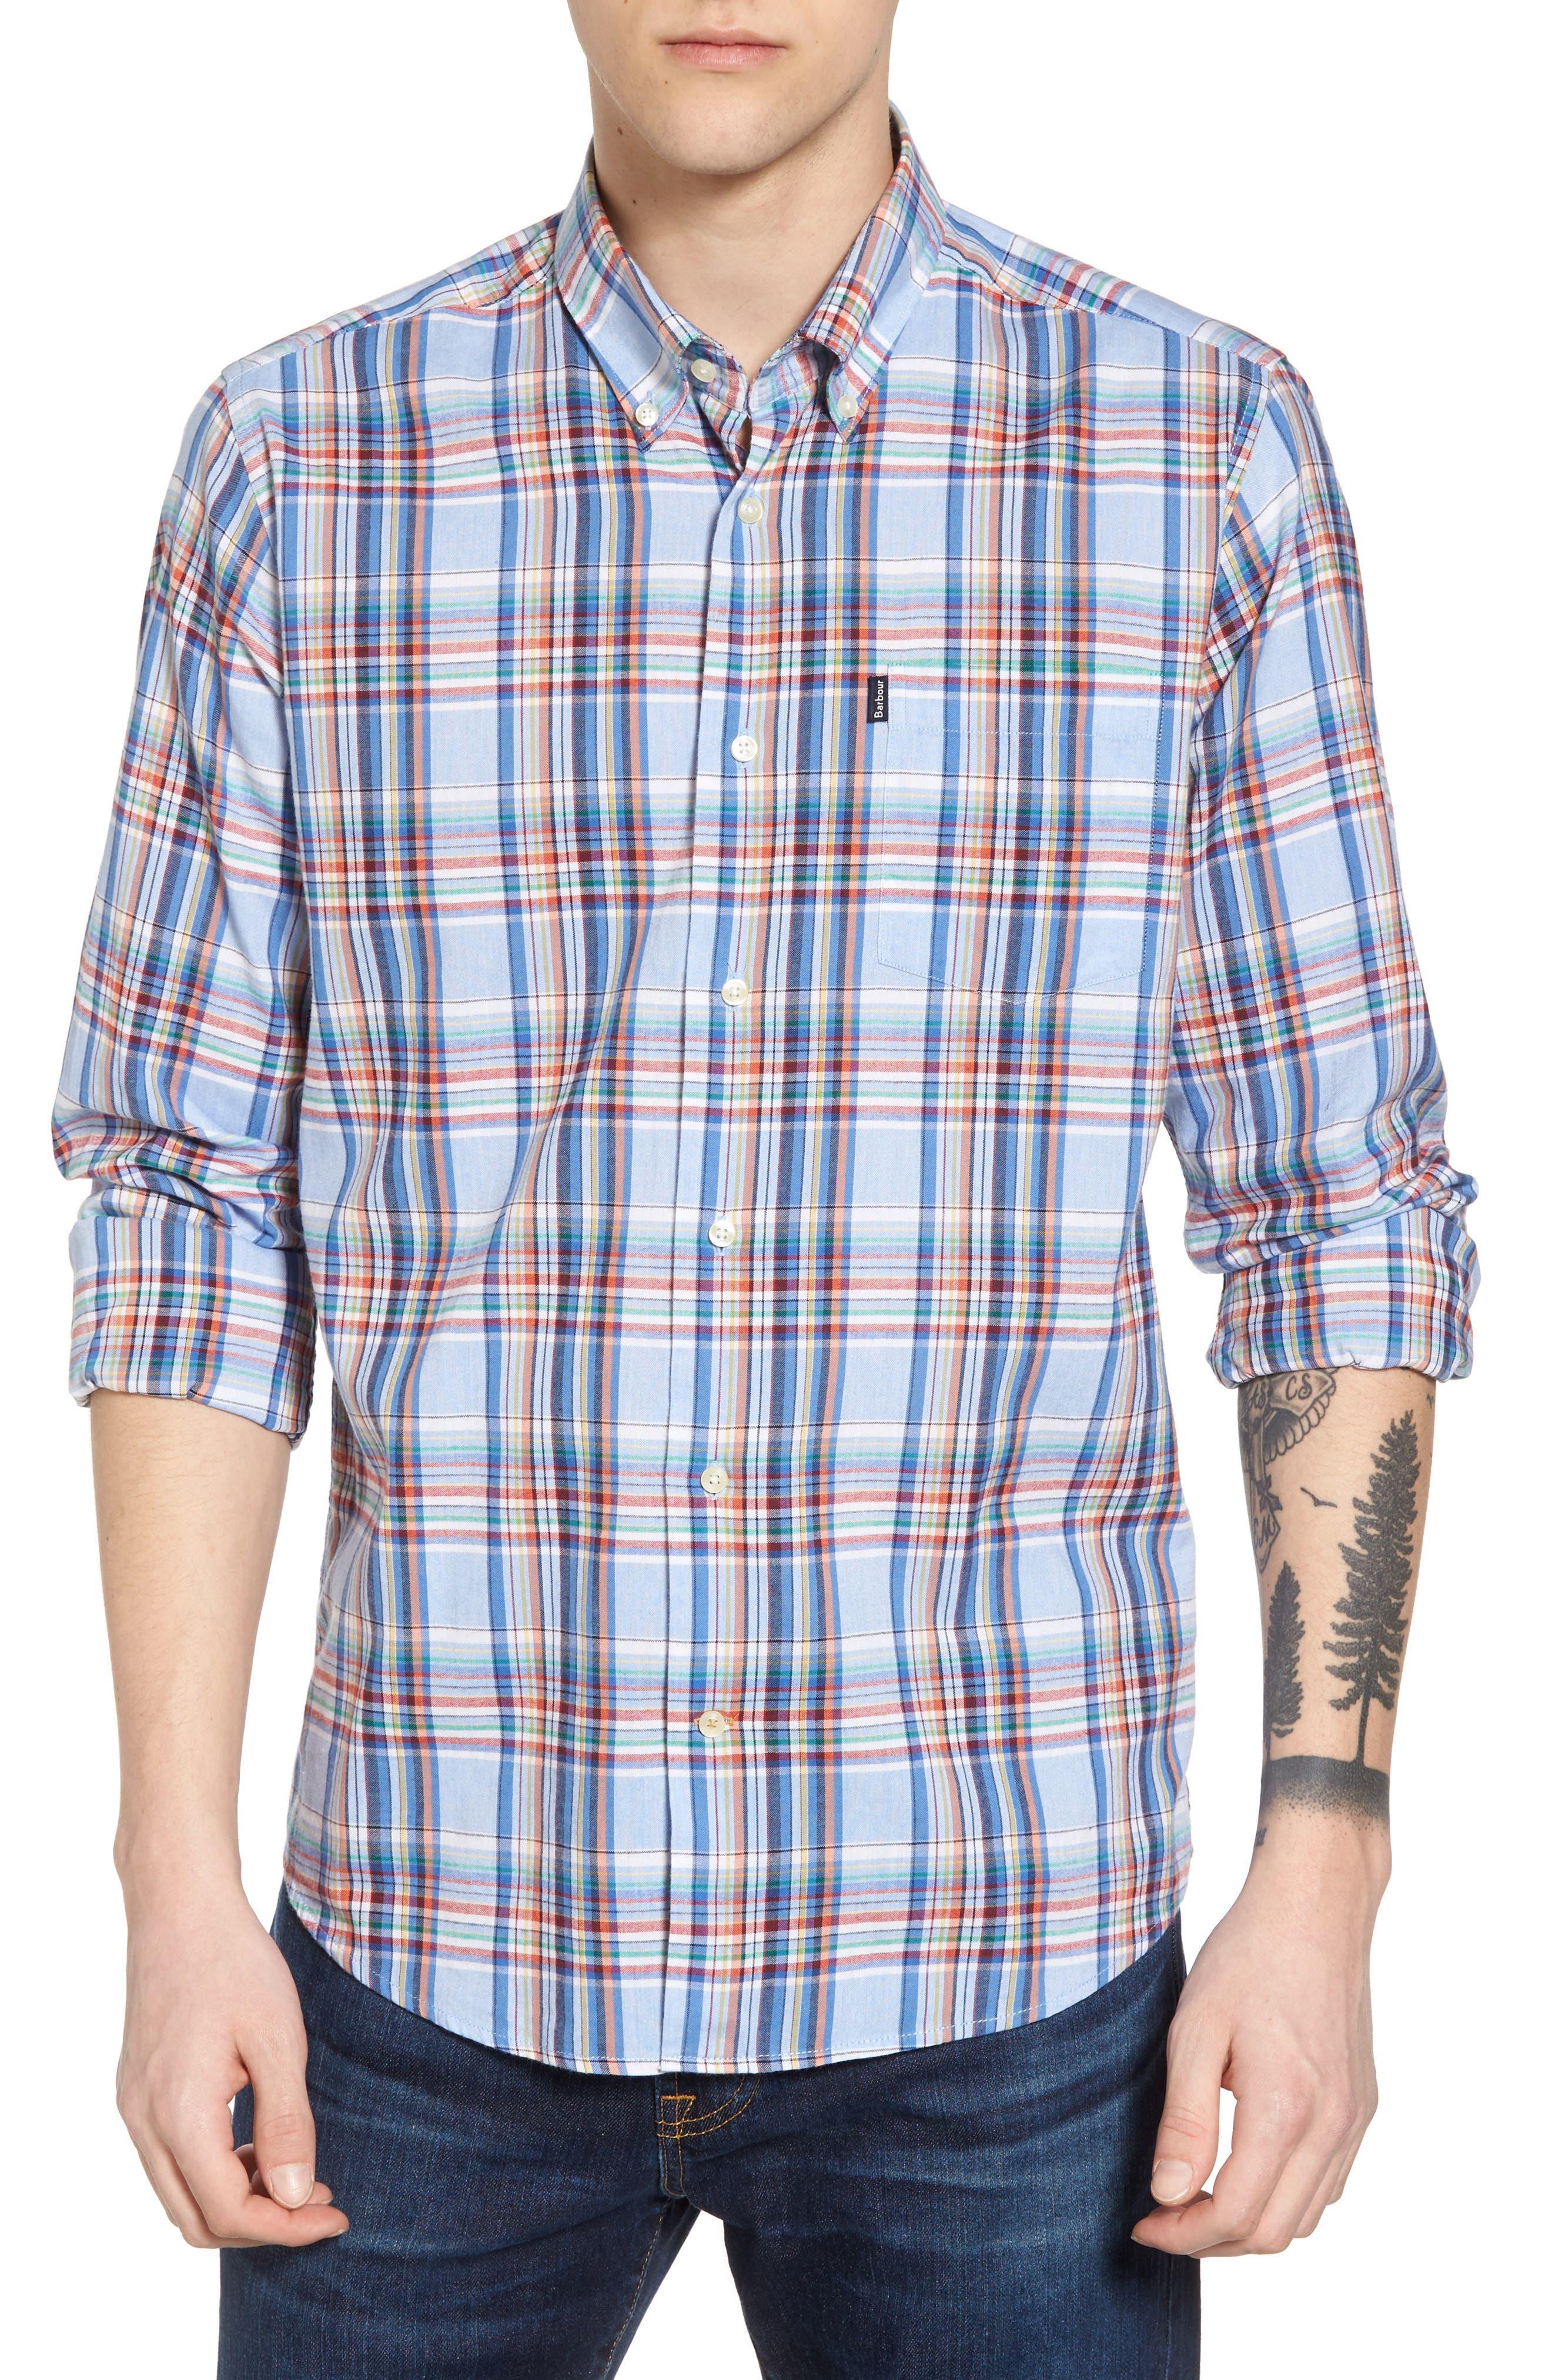 Bram Trim Fit Plaid Sport Shirt,                             Main thumbnail 1, color,                             450